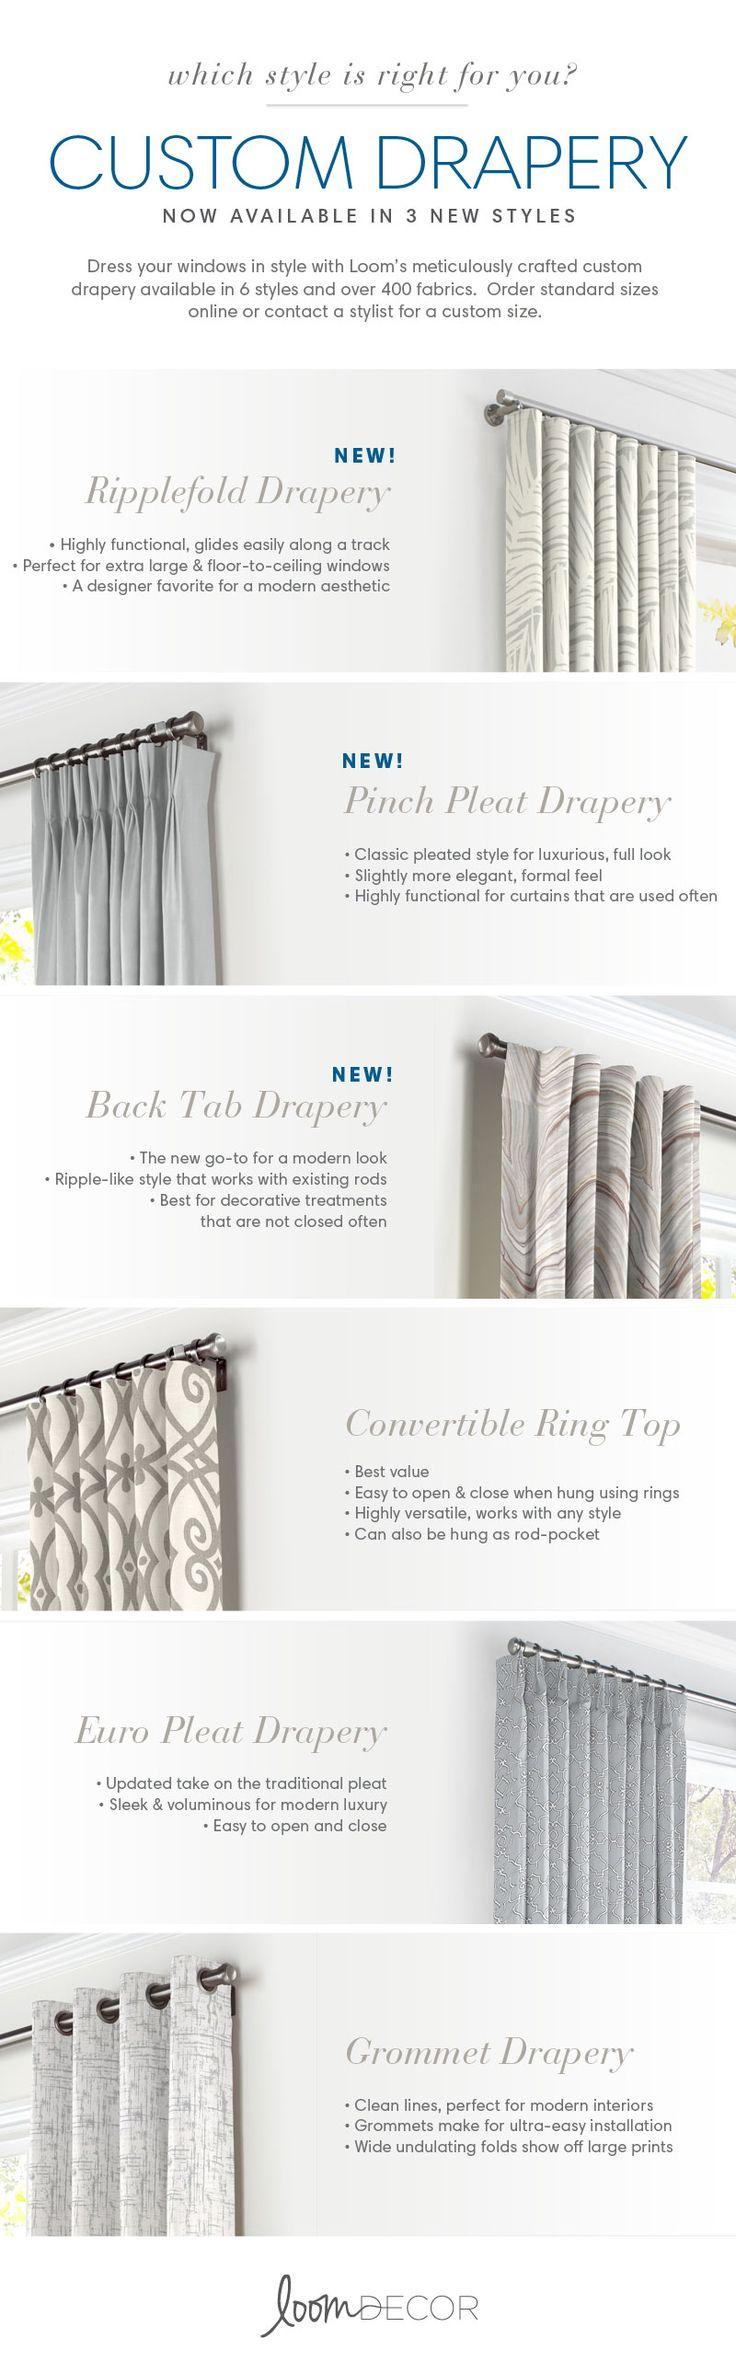 Best 25+ Drapery styles ideas on Pinterest | Drapery designs ...